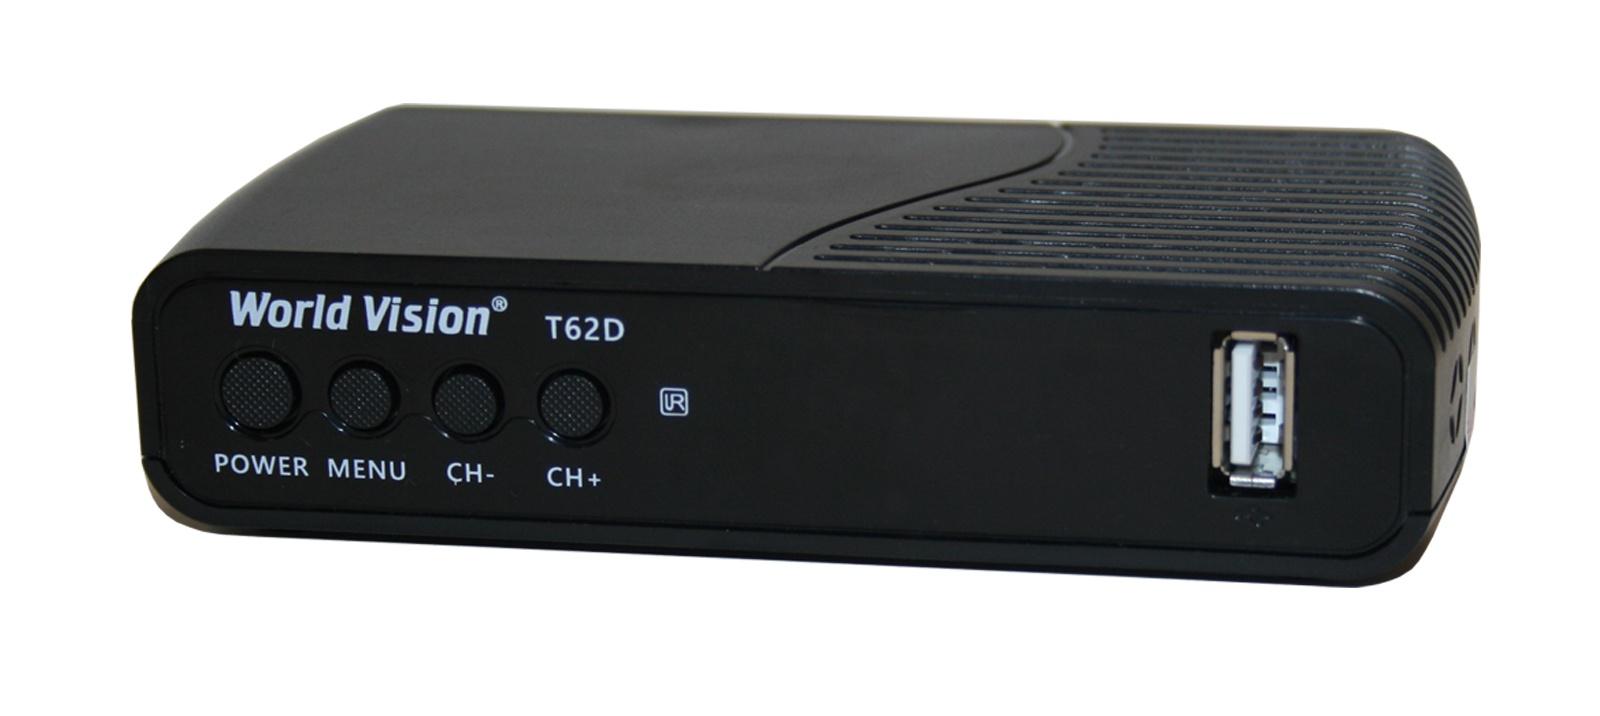 ТВ-тюнер/ресивер Worldvision Ресивер World Vision T62 D для приема цифрового сигнала DVB-C, DVB-T2 форматов высокого качества